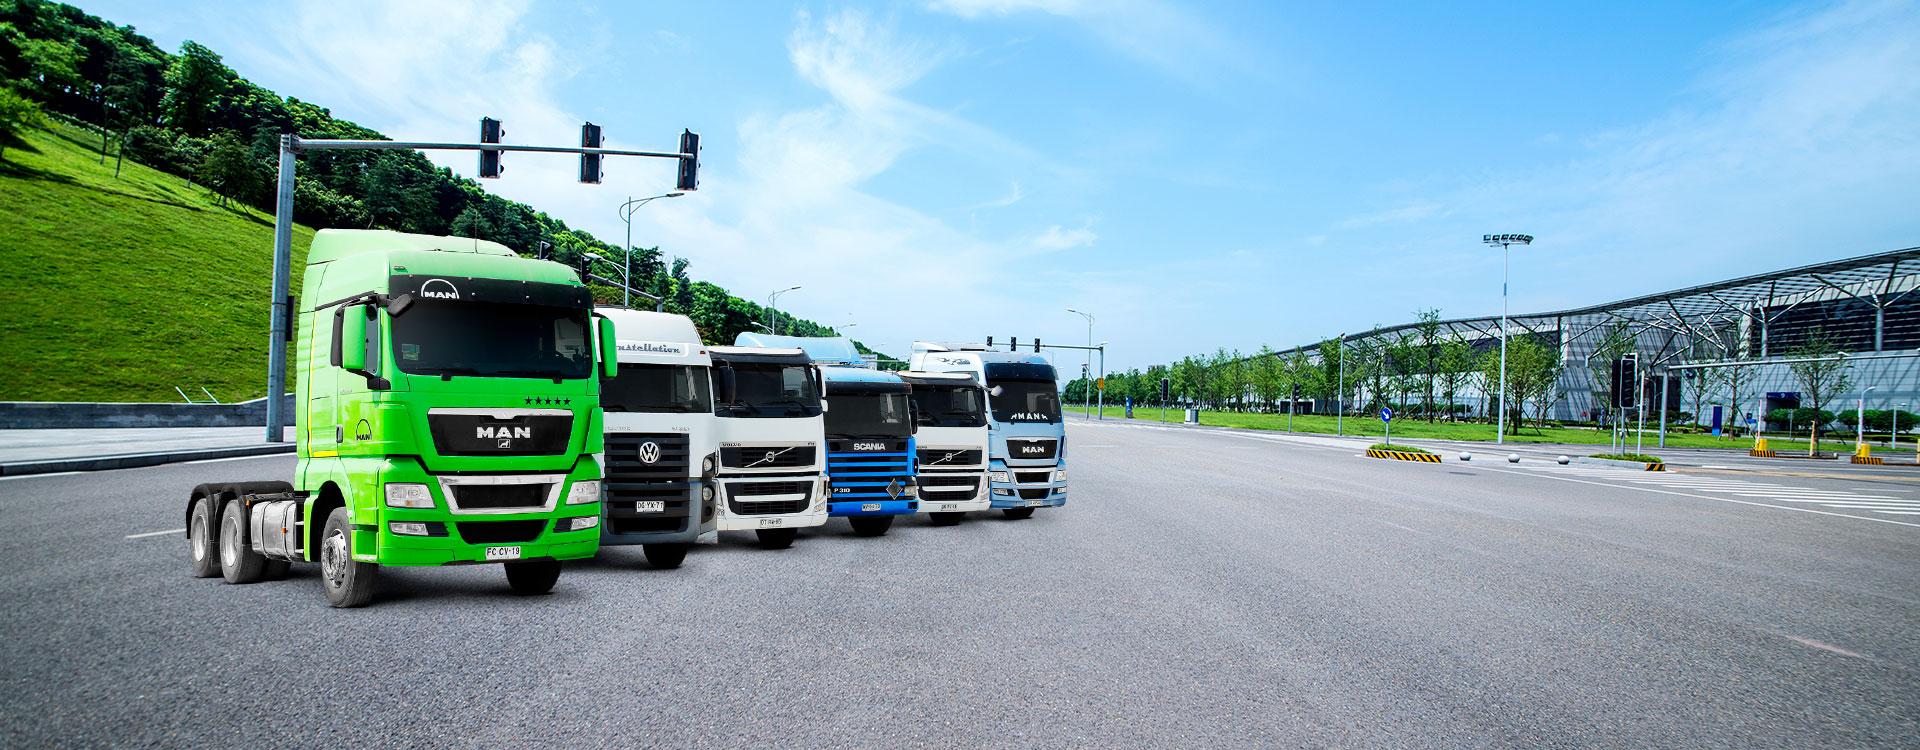 camiones usados santiago